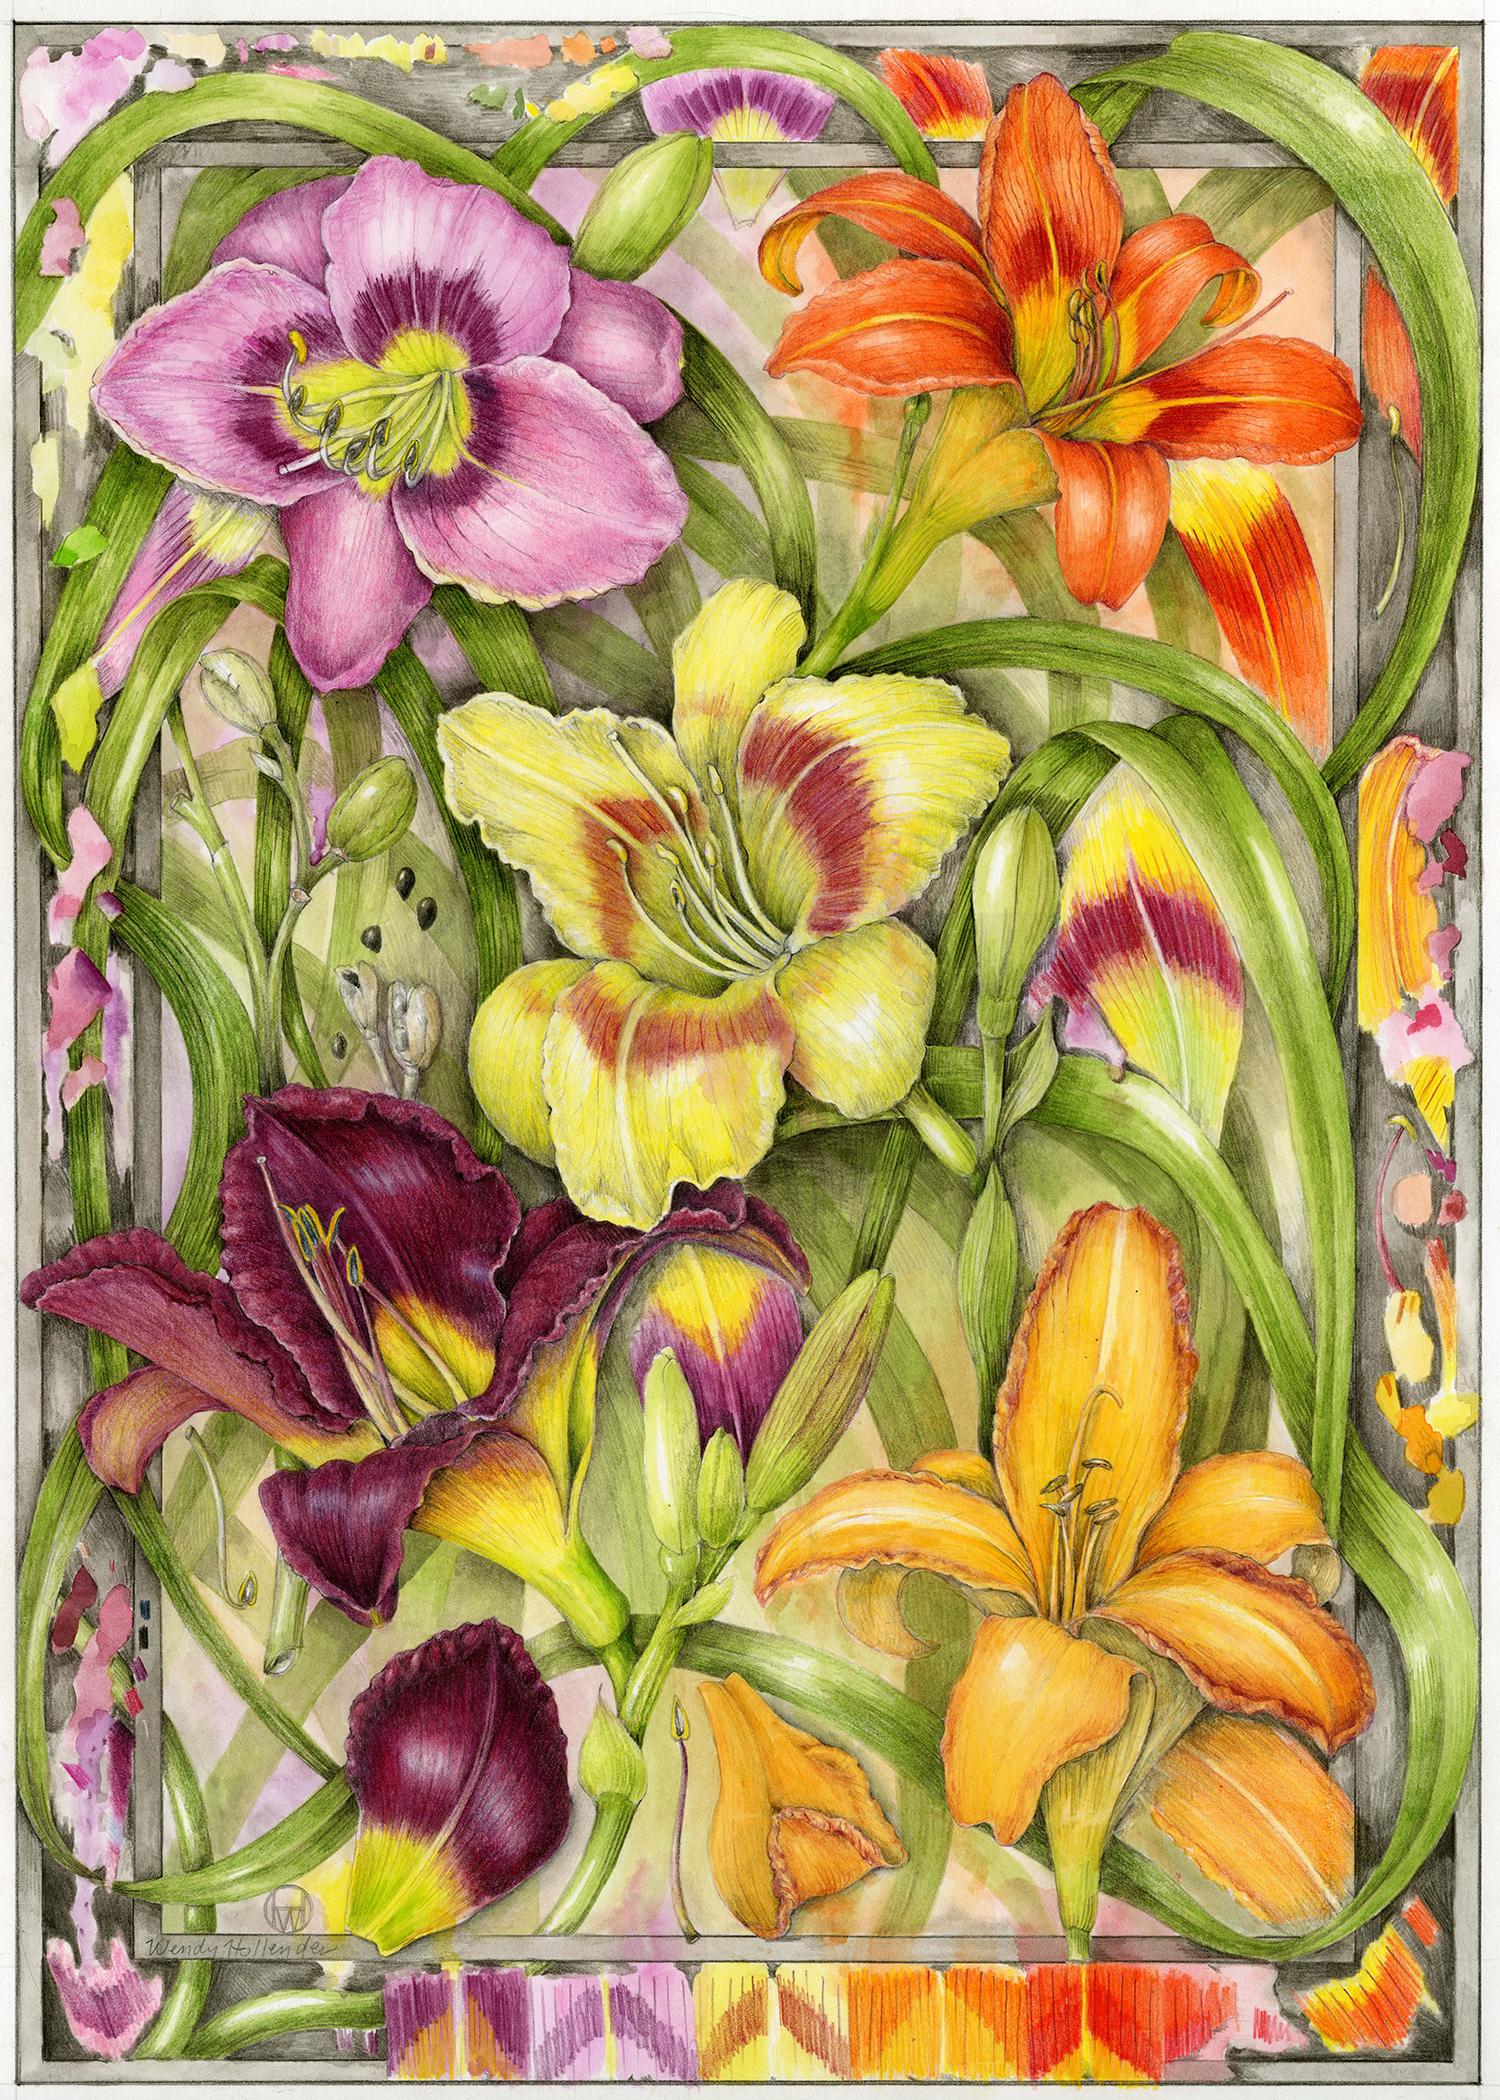 Daylilies - Hemerocallis